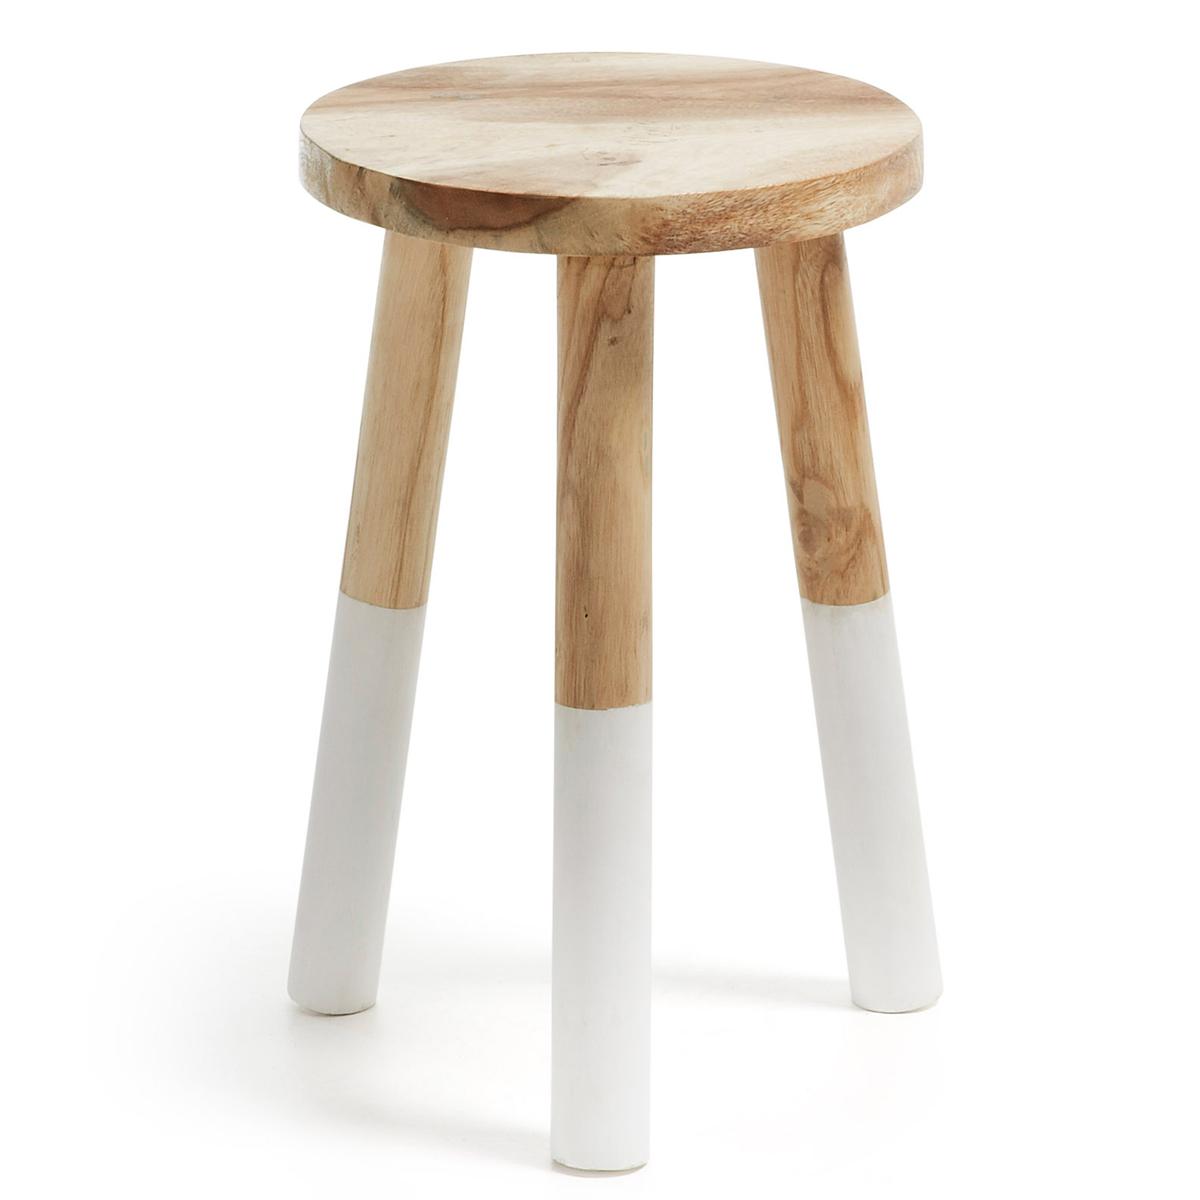 Repose-pieds rond en bois - Bois - H 44 x Ø 30 cm